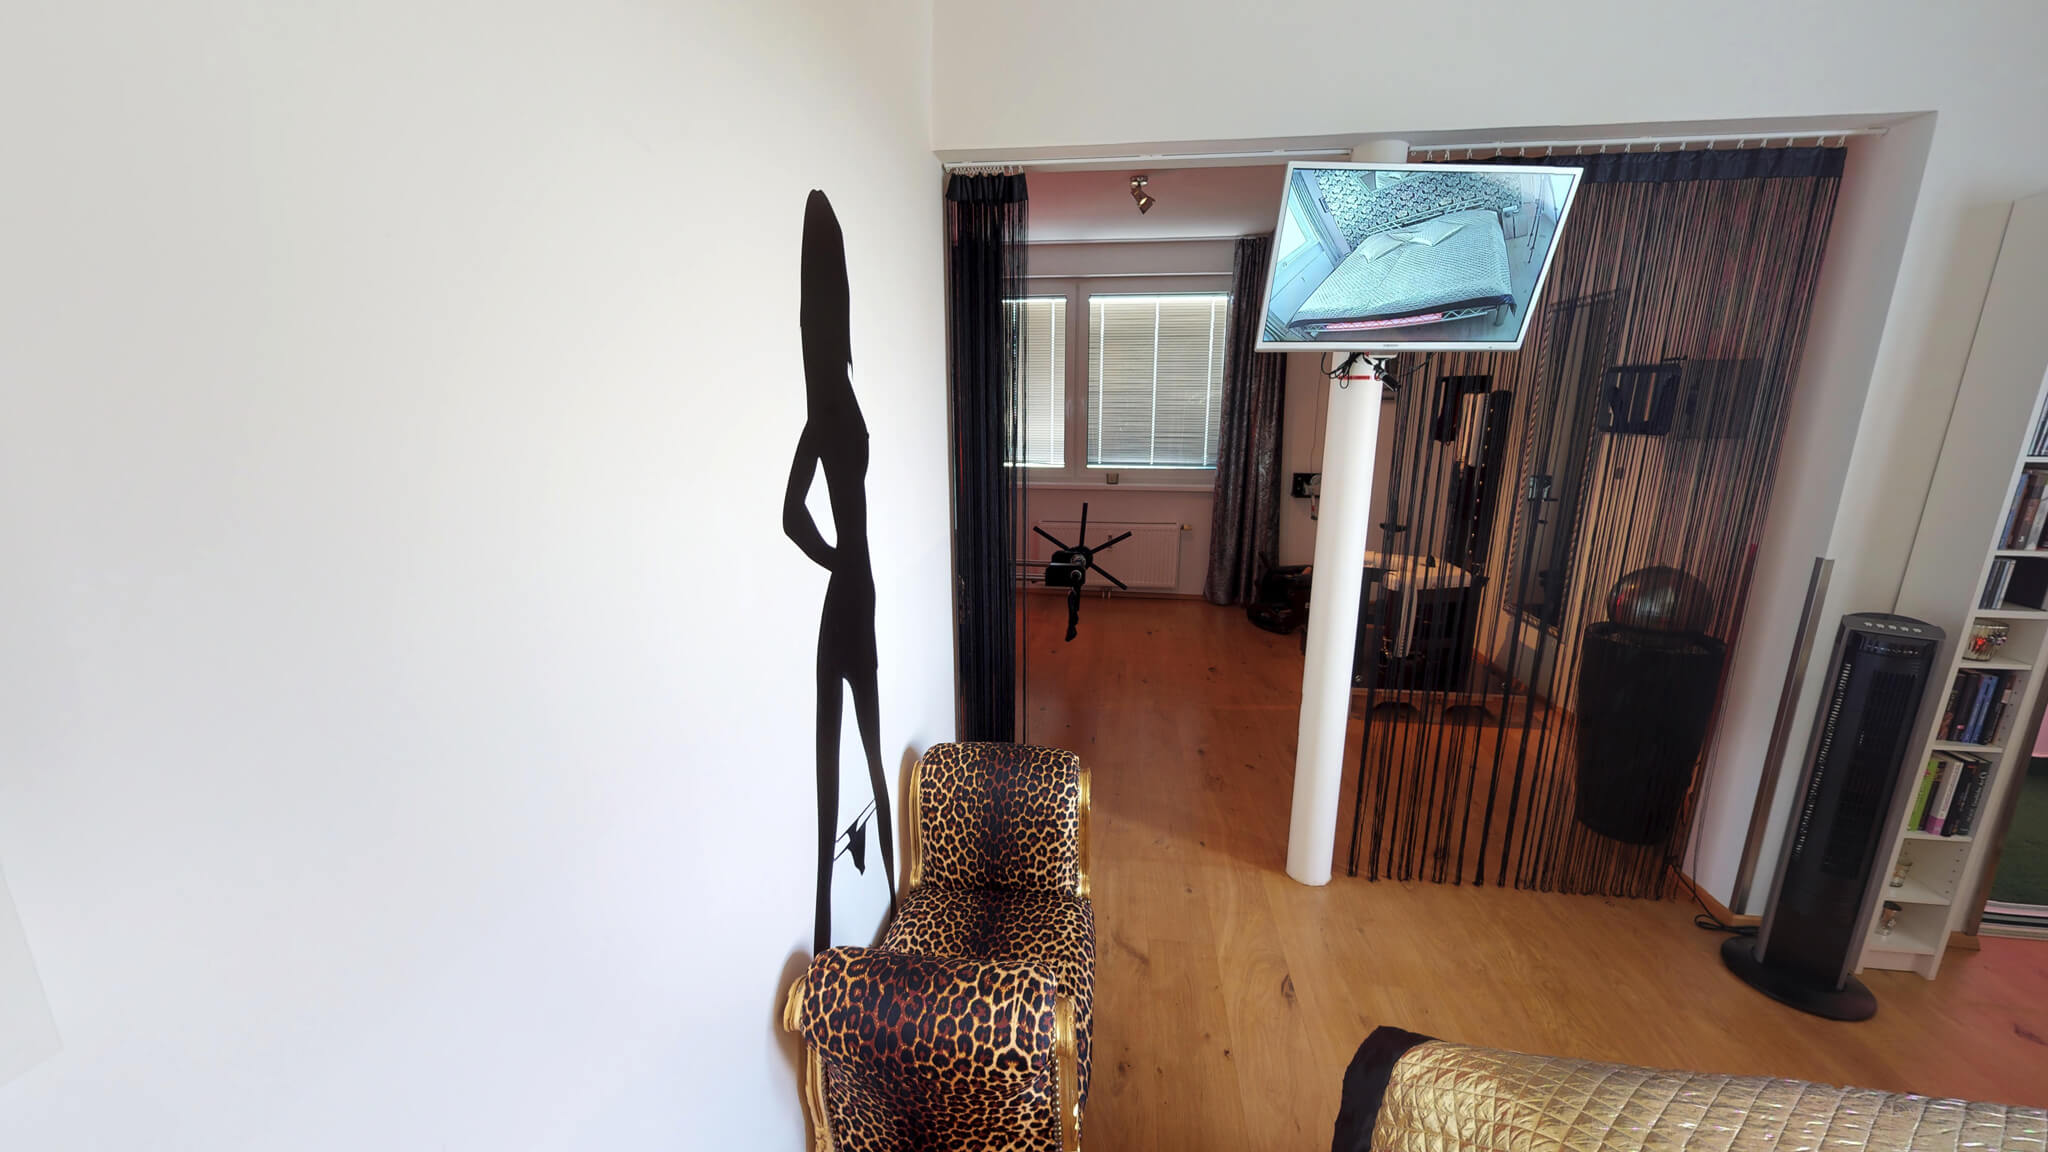 Livecam im Schlafzimmer für private Sex show